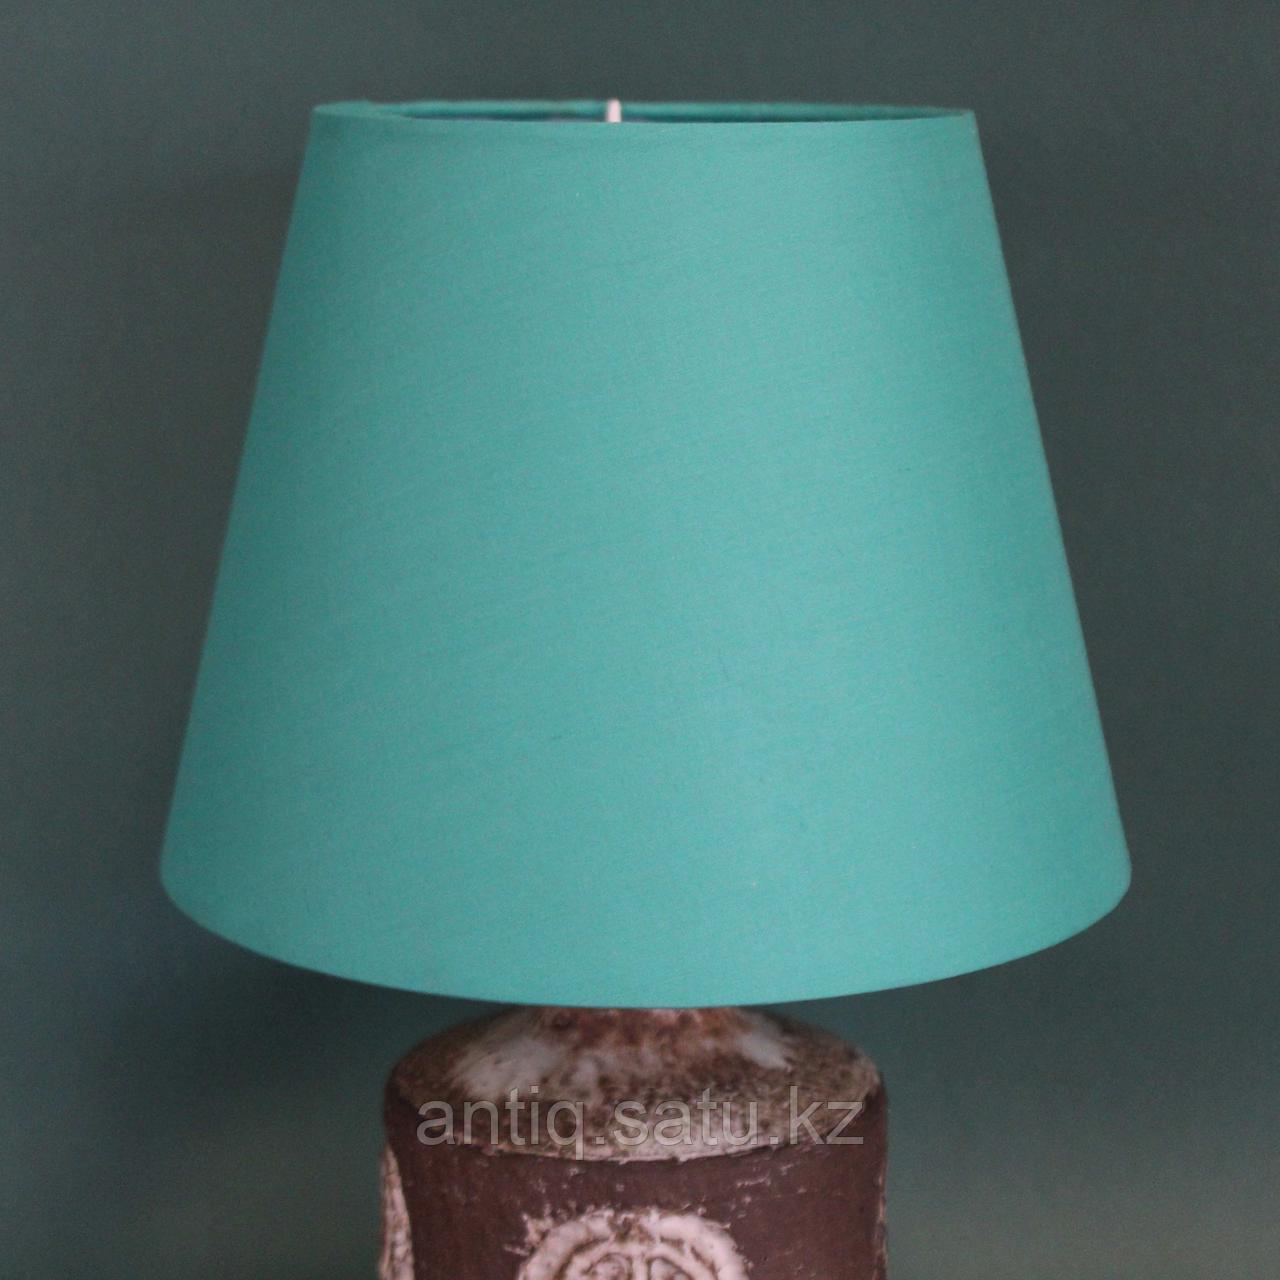 Дизайнерская настольная лампа из керамики. Производство Sejer Unic Keramik - фото 4